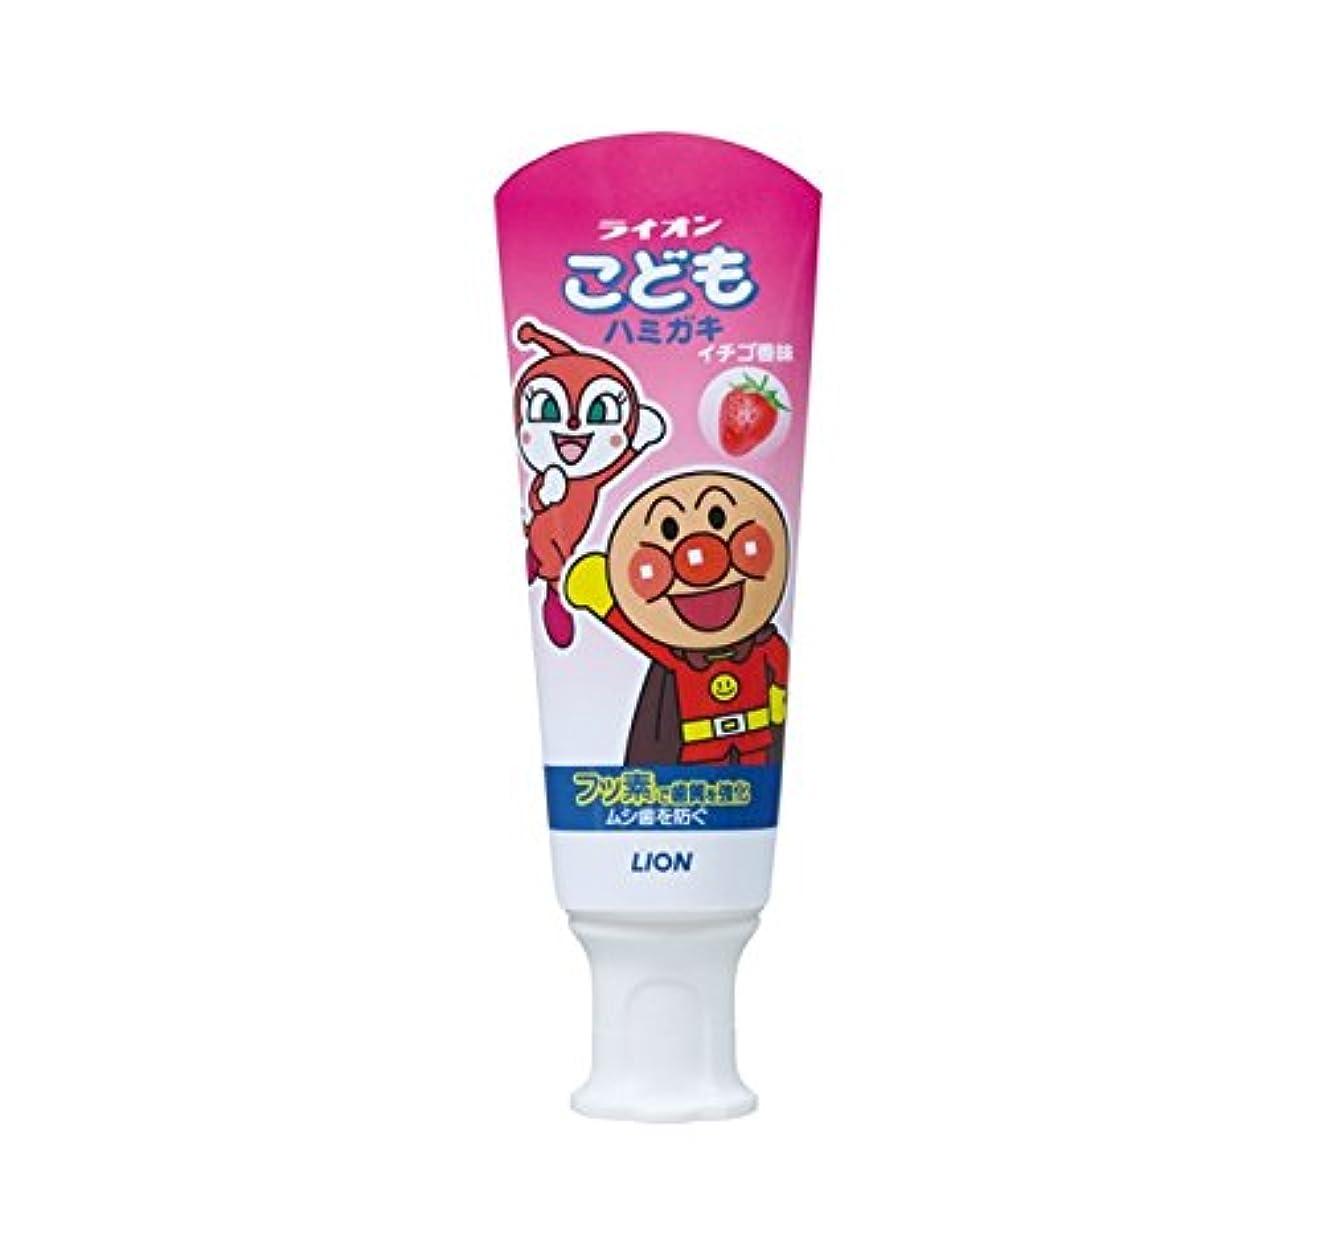 悩みキリスト篭こどもハミガキ アンパンマン イチゴ香味 40g (医薬部外品)